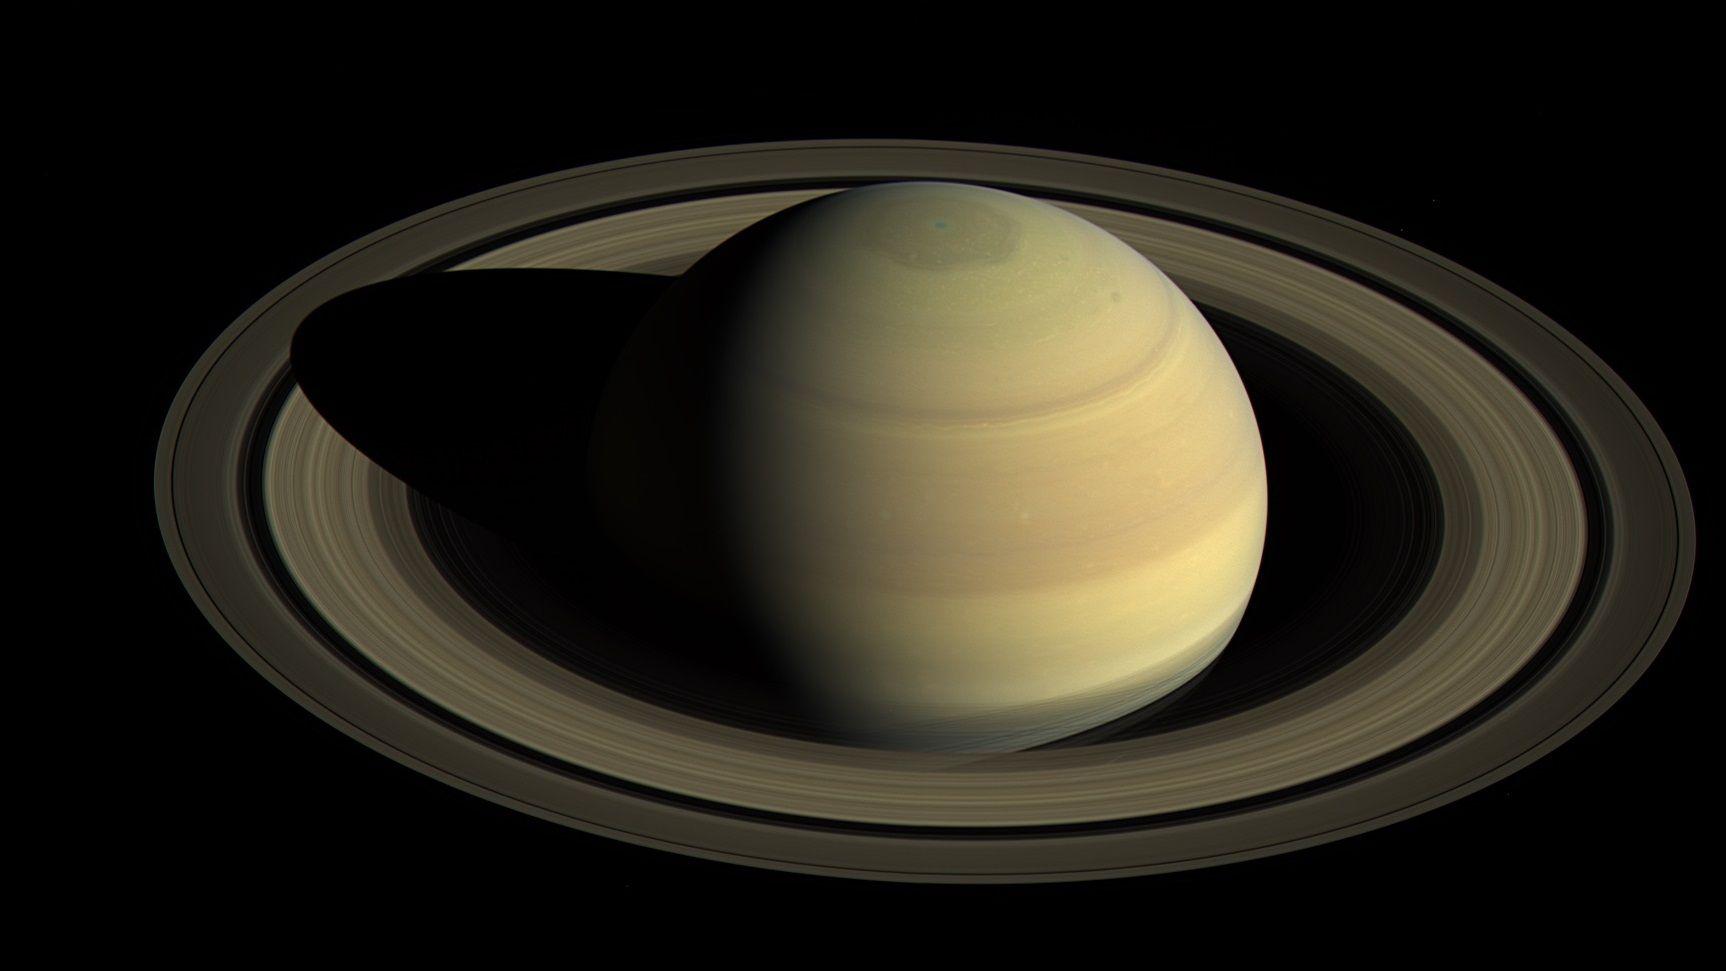 土星で新しい衛星が20個発見、太陽系で最多に